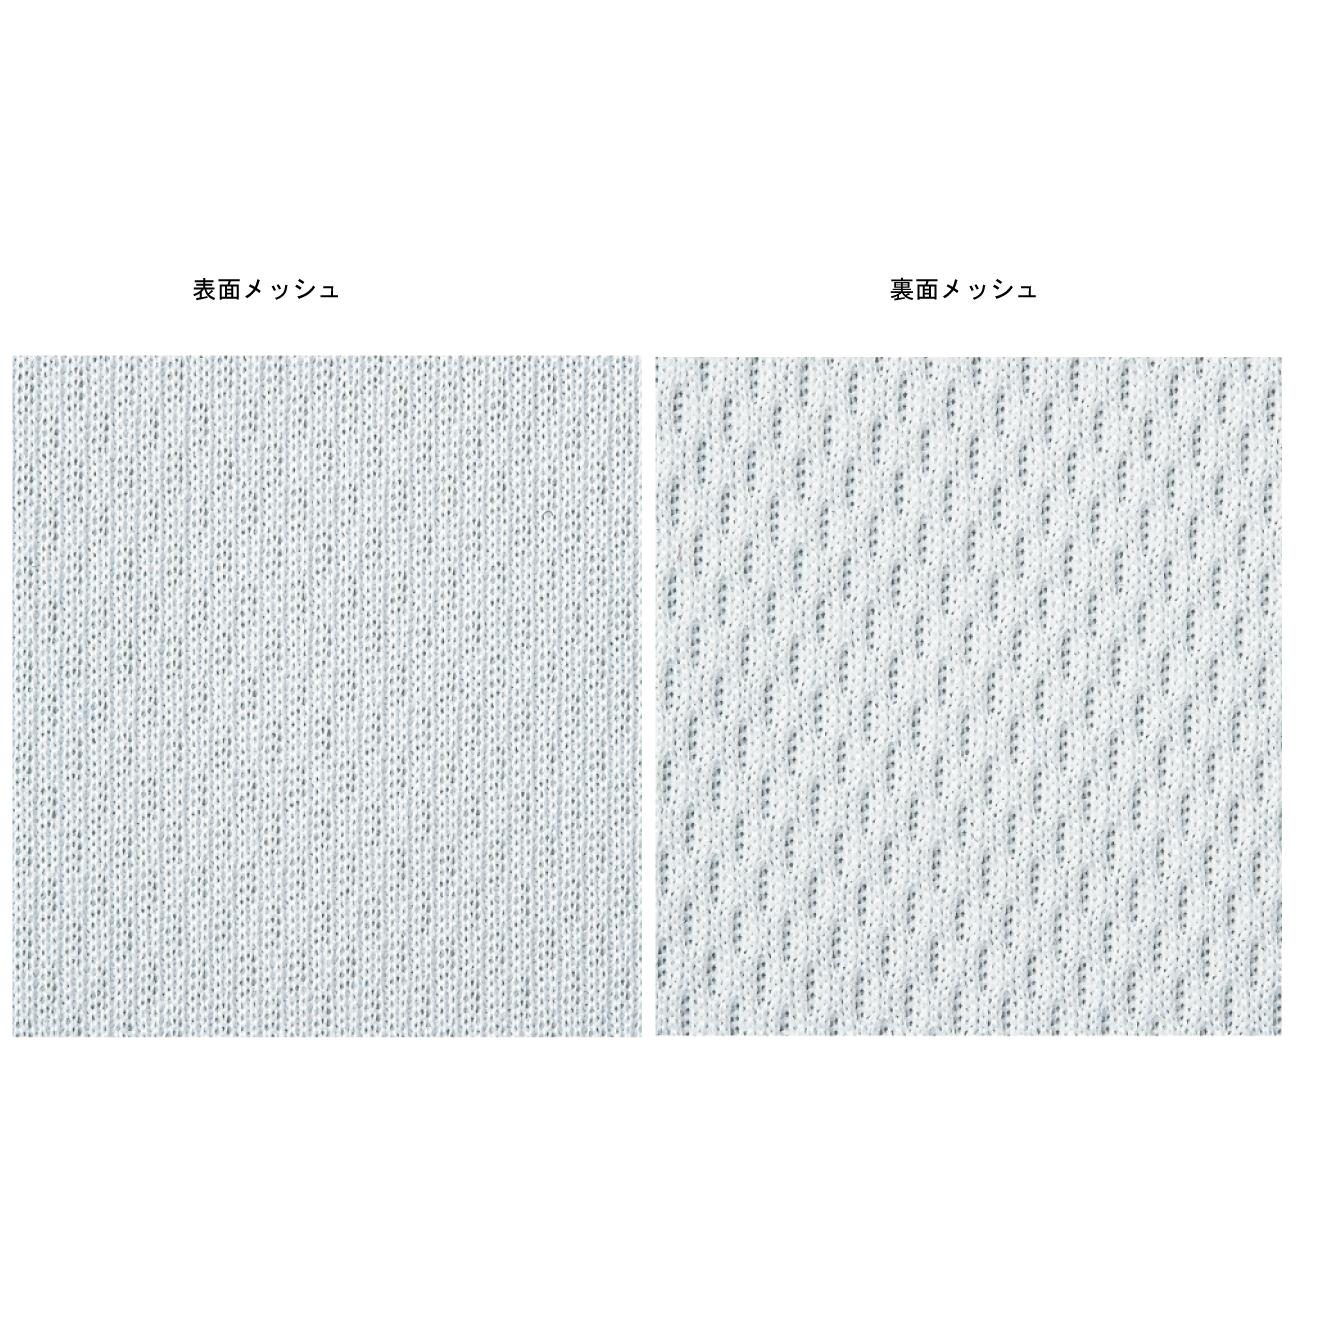 オリジナルプリント 1850円 ドライポロシャツ